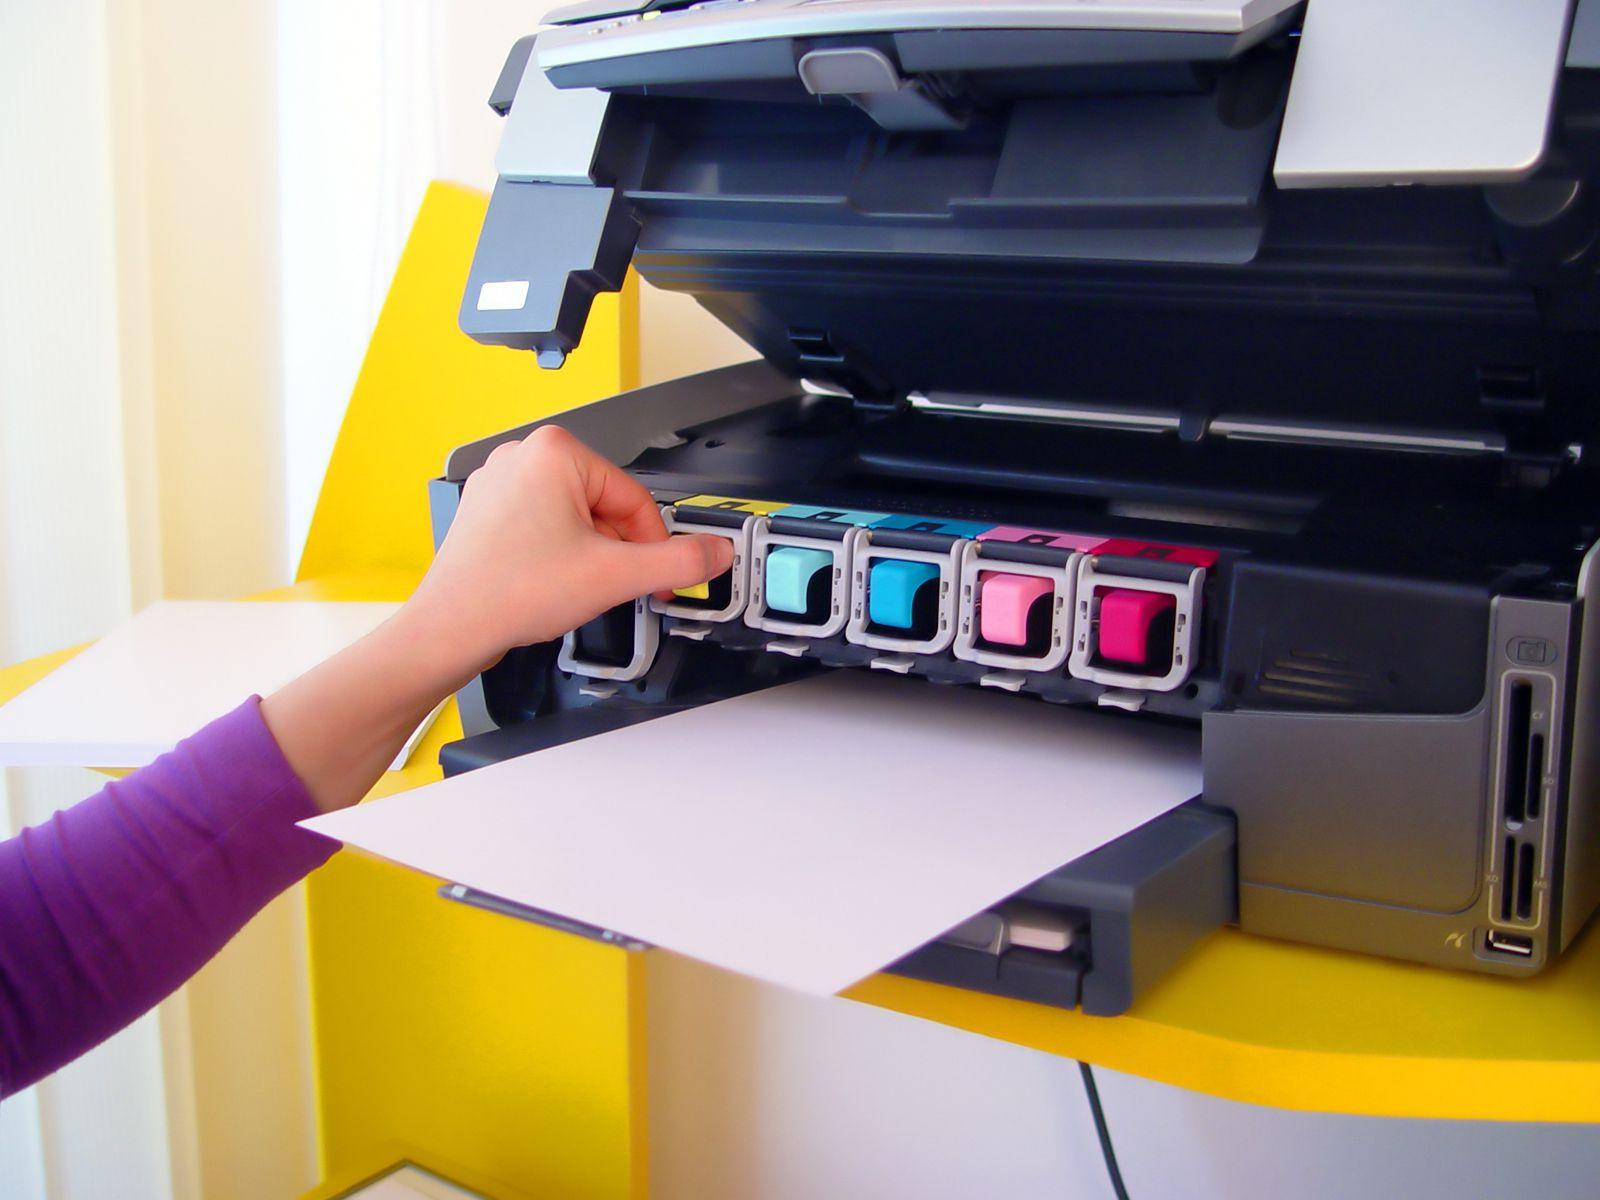 Migliori stampanti 100 euro | Quale Comprare | 2021